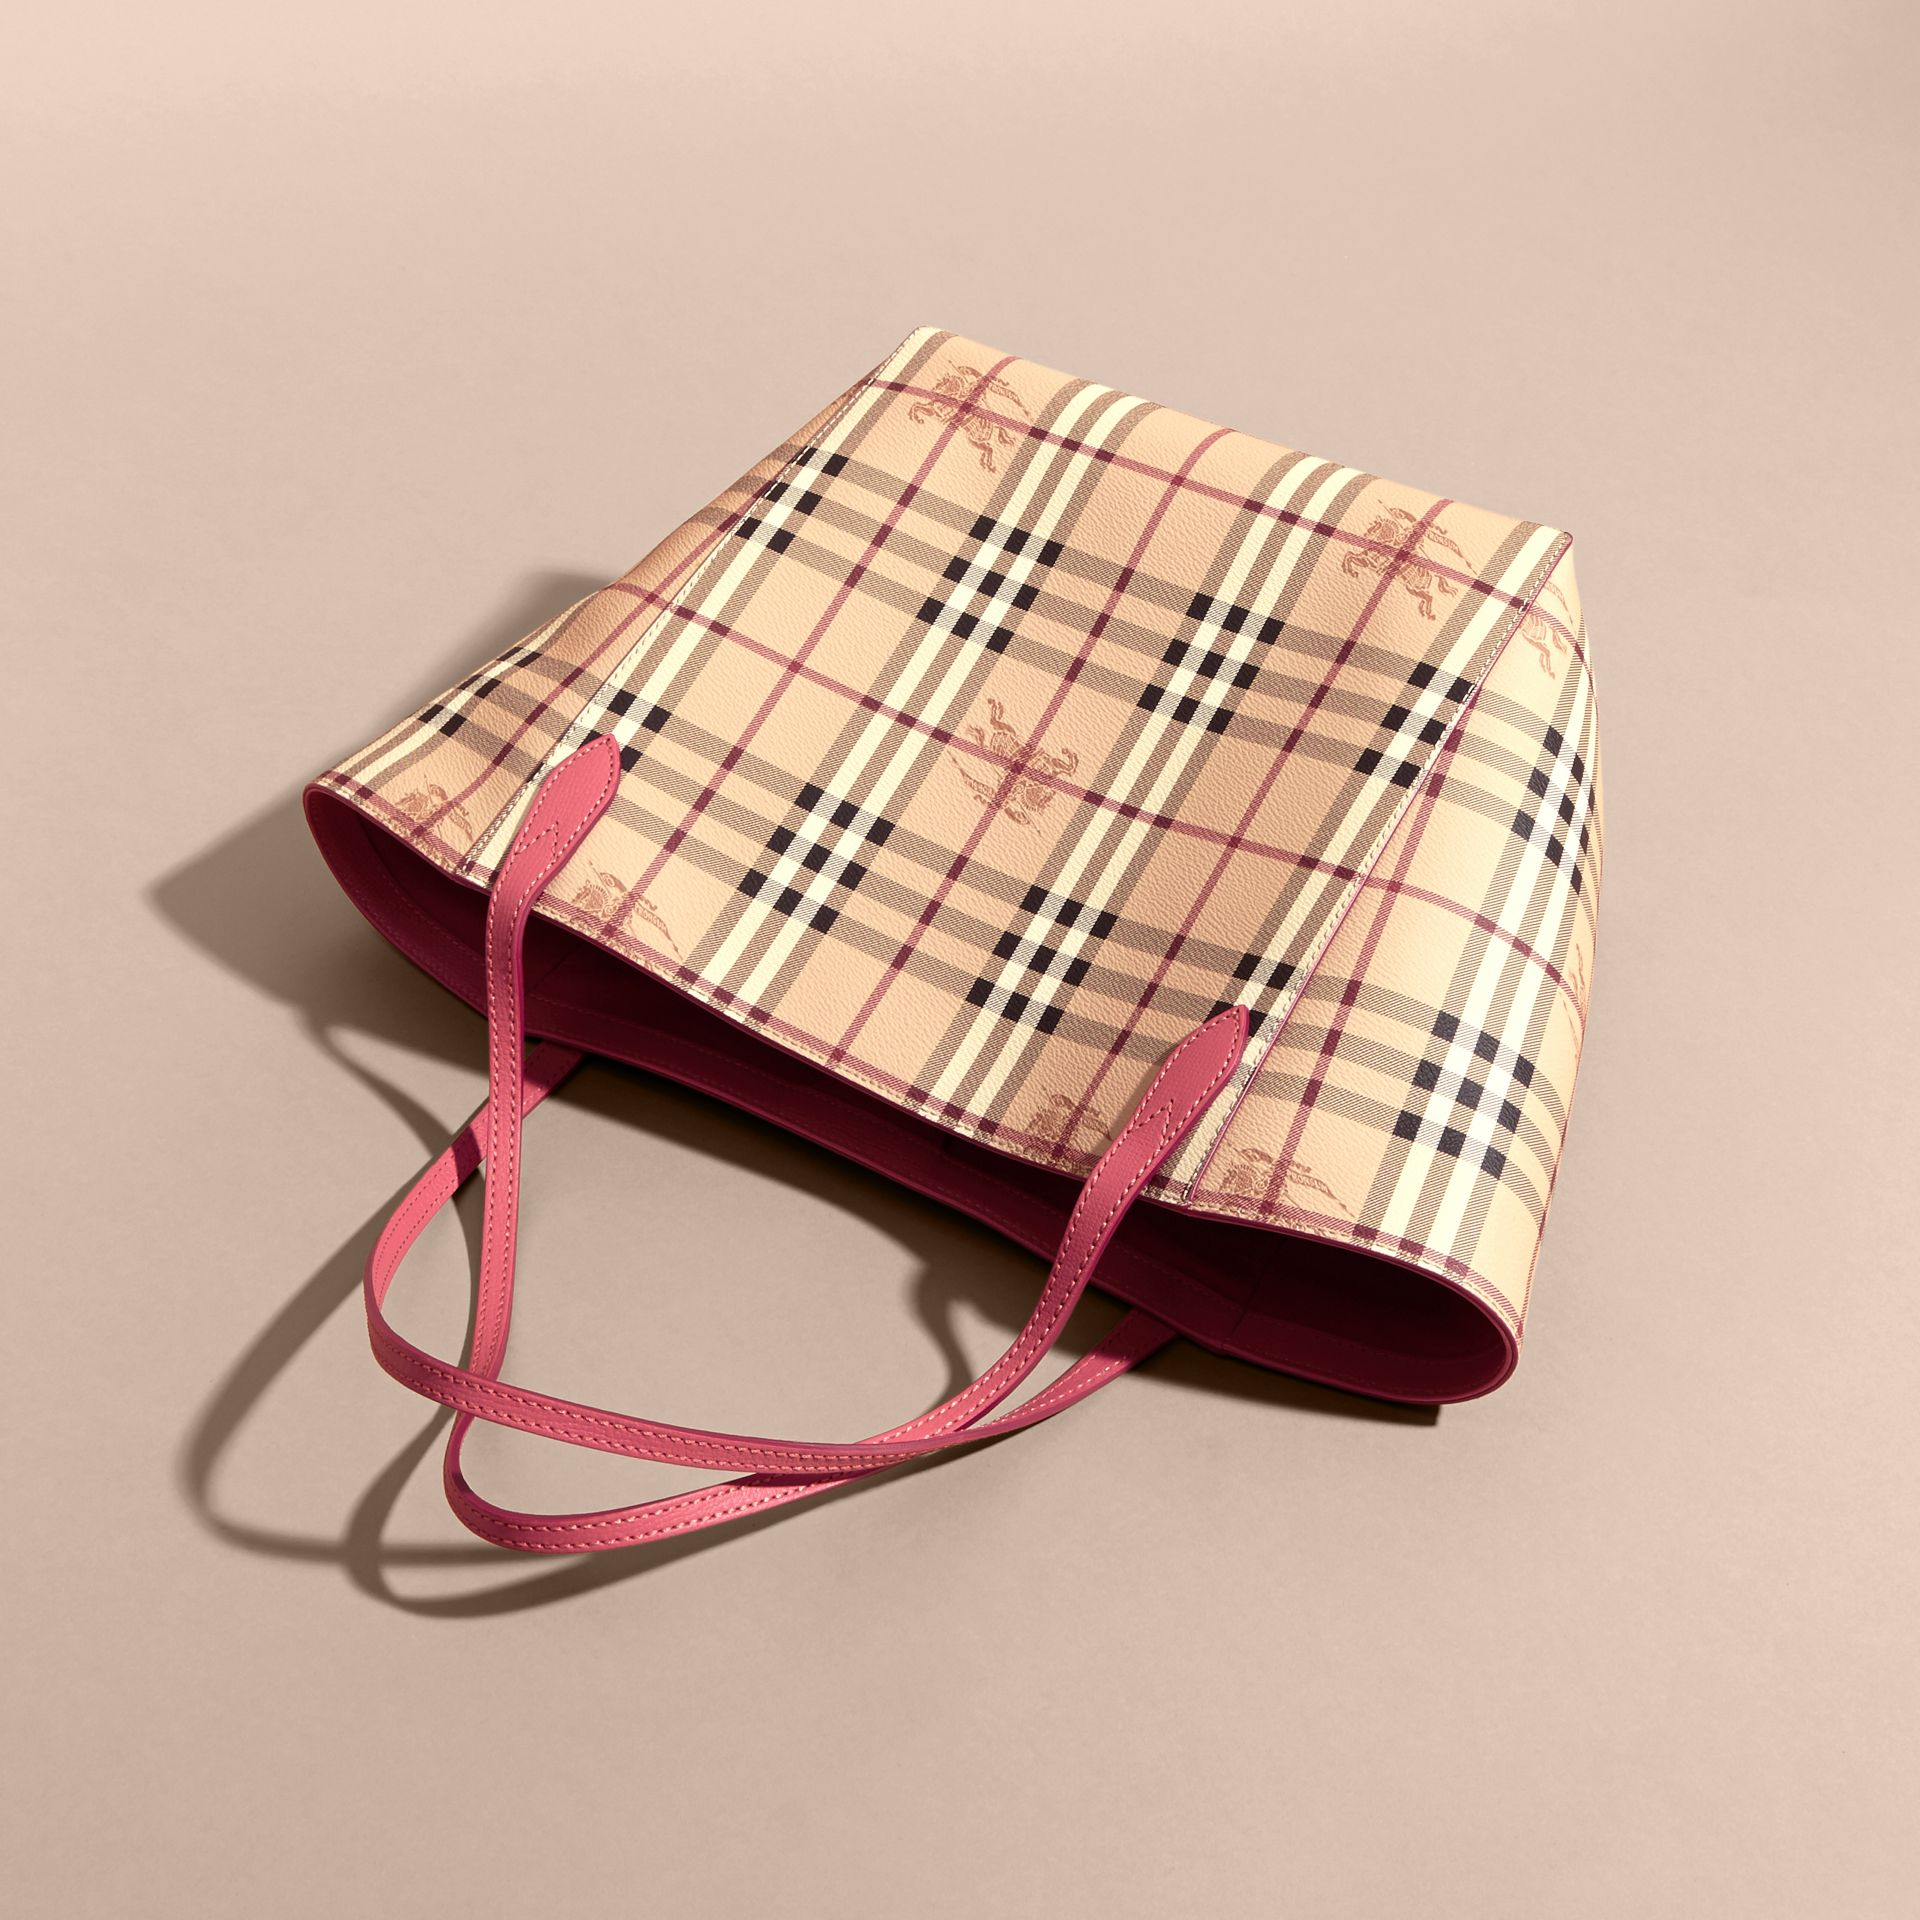 Розовая слива Сумка Canter в клетку Haymarket Check Розовая Слива - изображение 6